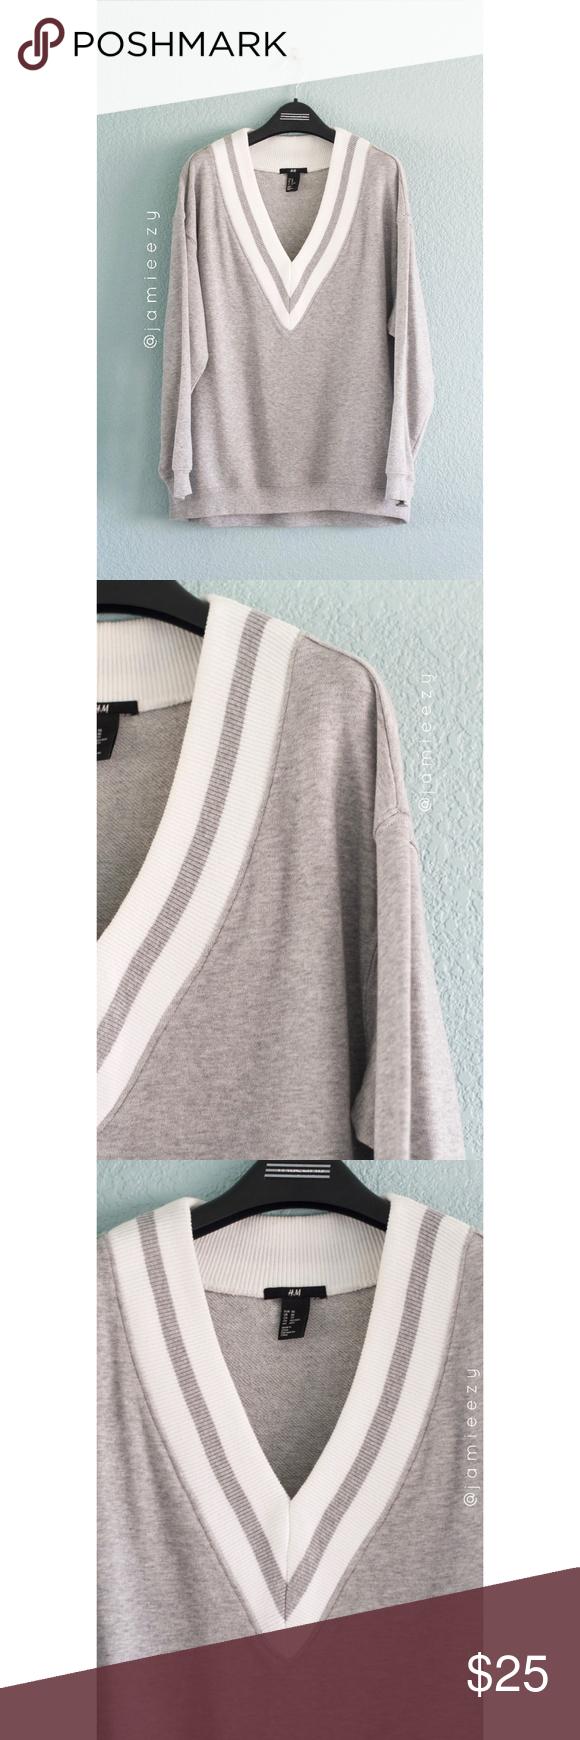 H M Varsity V Neck Dressy Casual Sweatshirt Dressy Casual Casual Sweatshirt Dressy [ 1740 x 580 Pixel ]